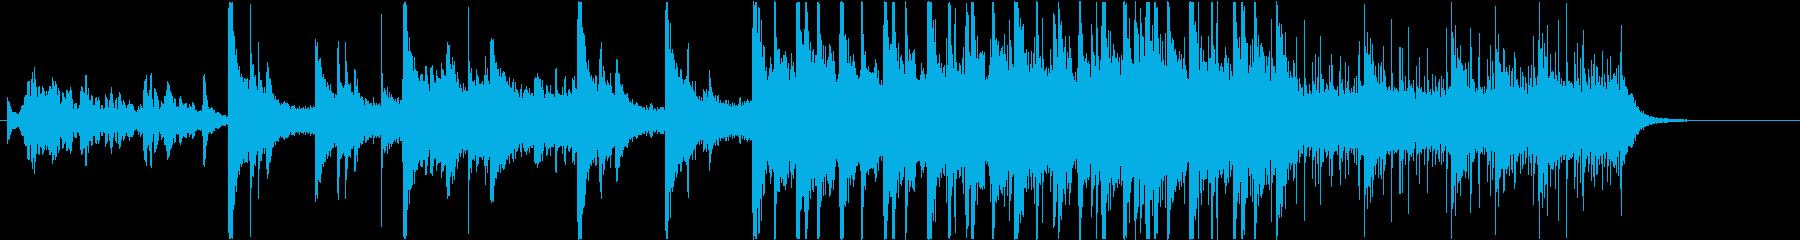 テンション高めるピアノBGM・ライブSEの再生済みの波形